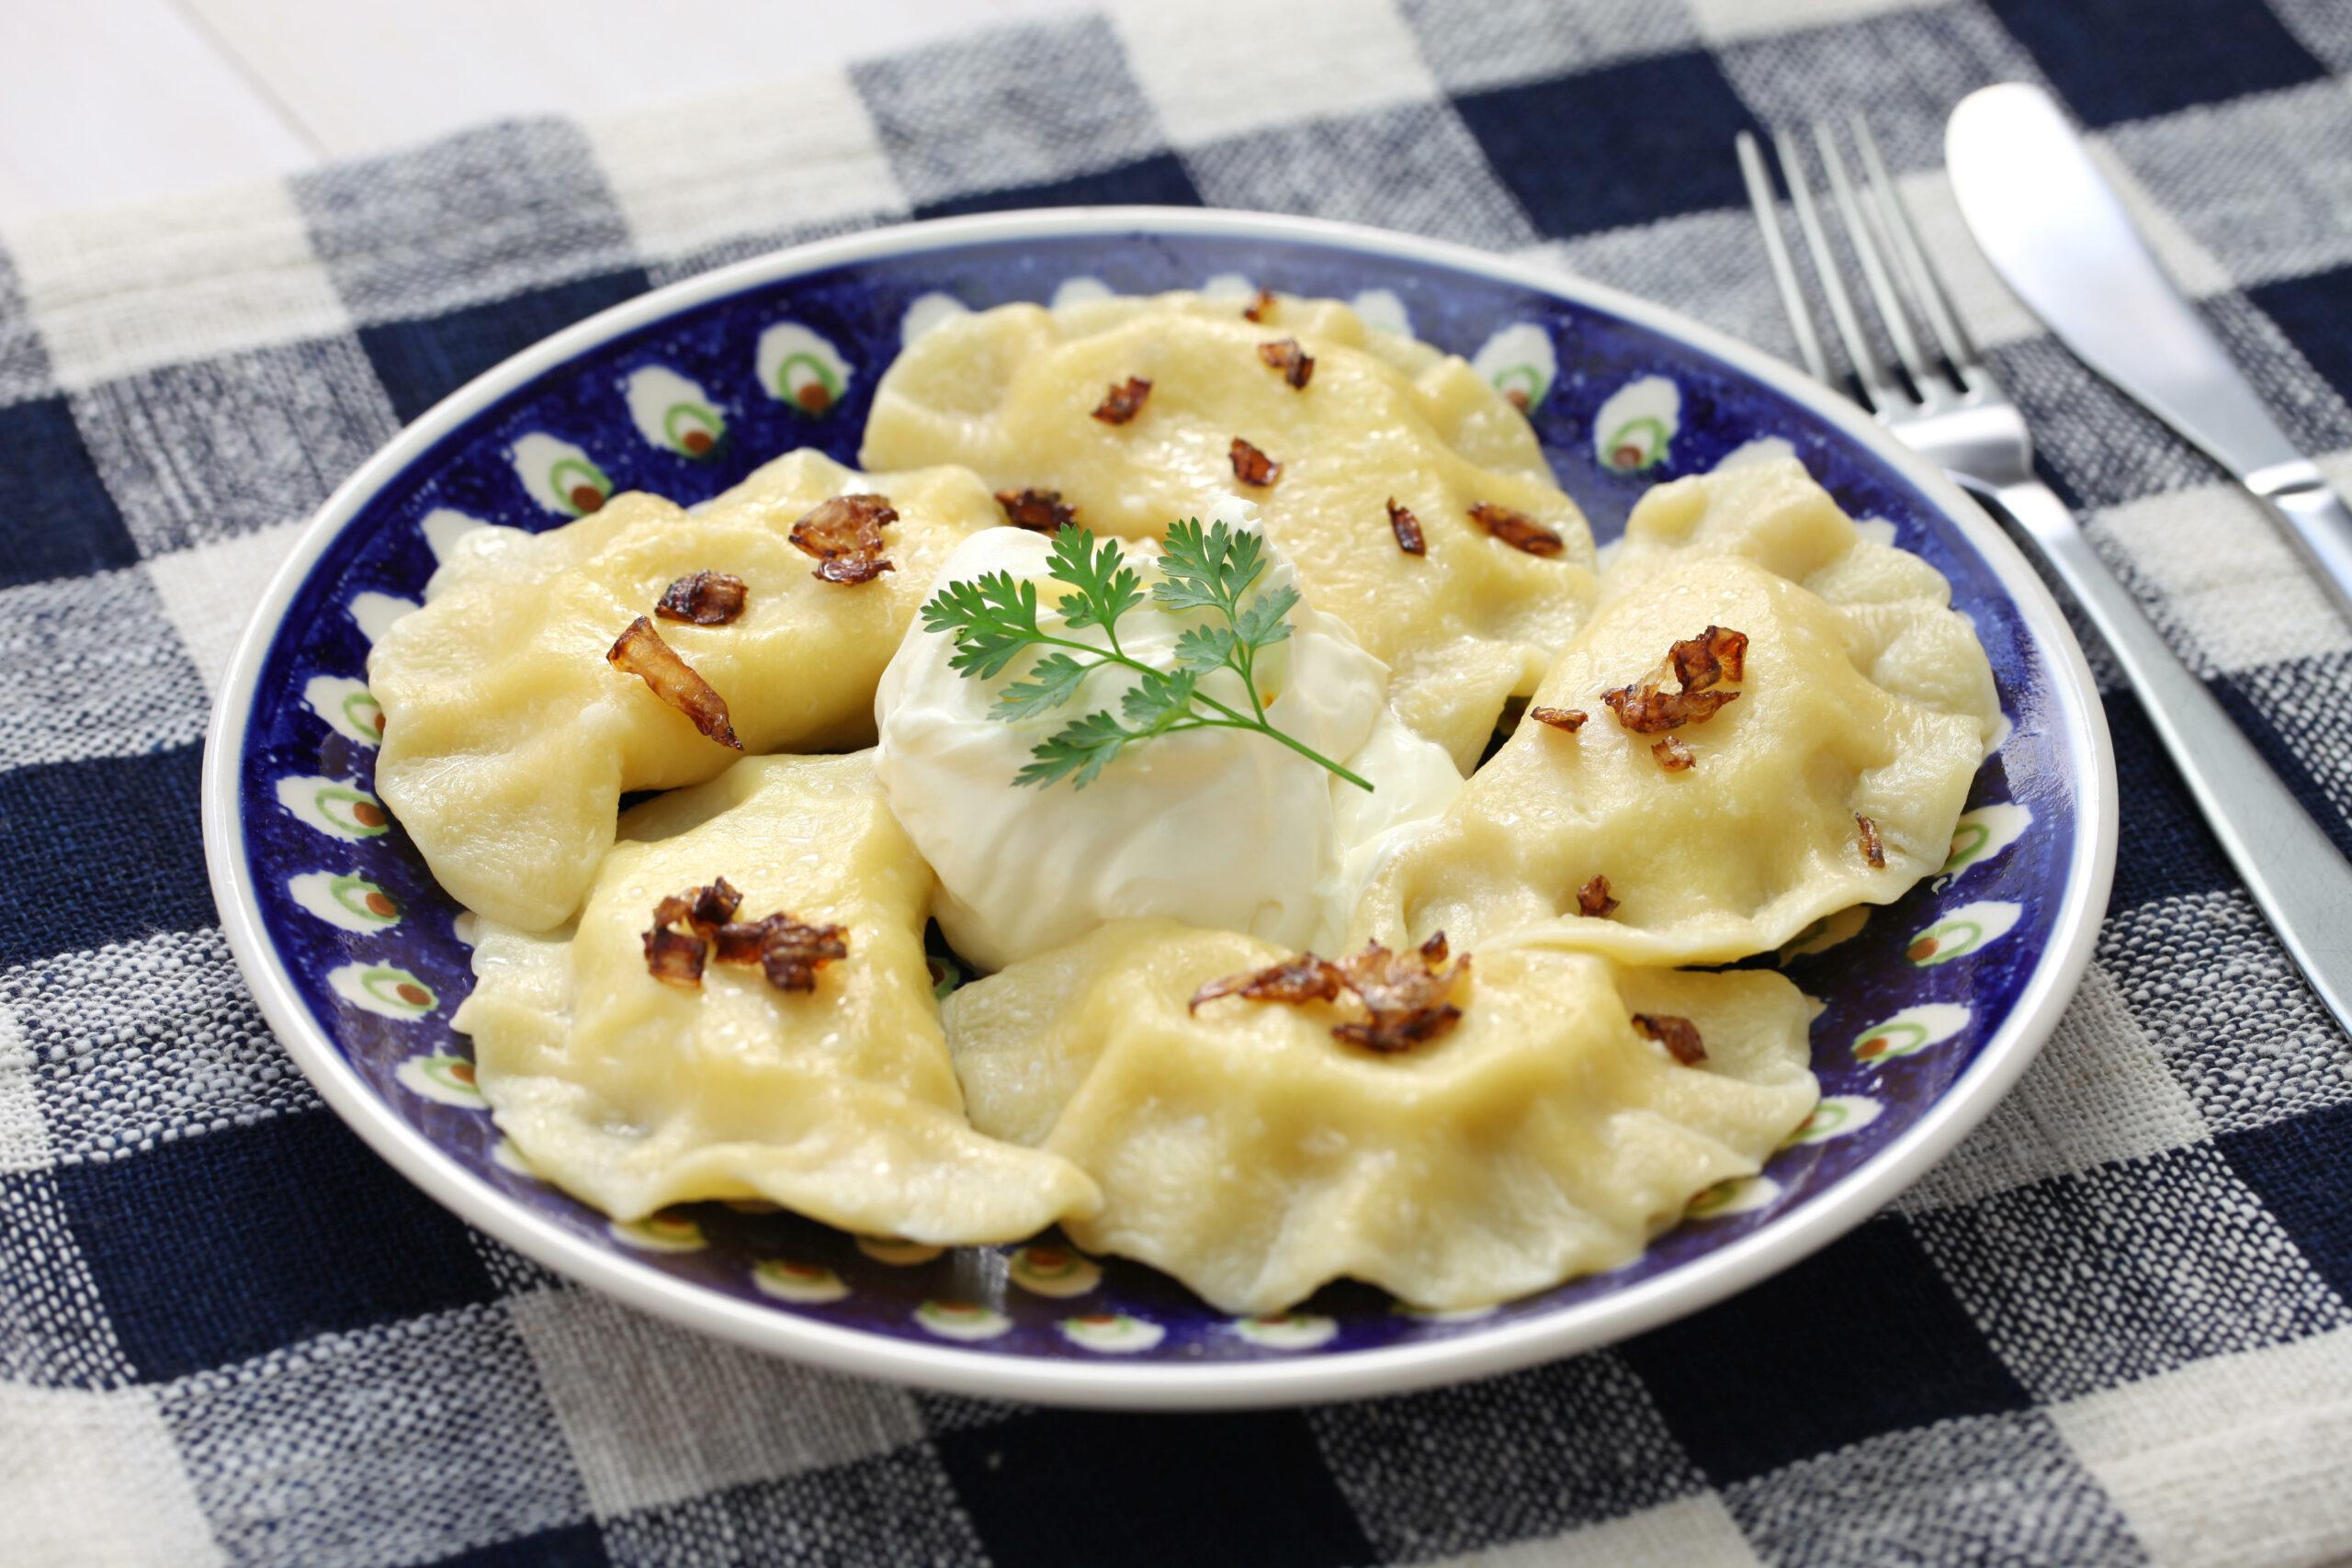 Pierogi dumplings